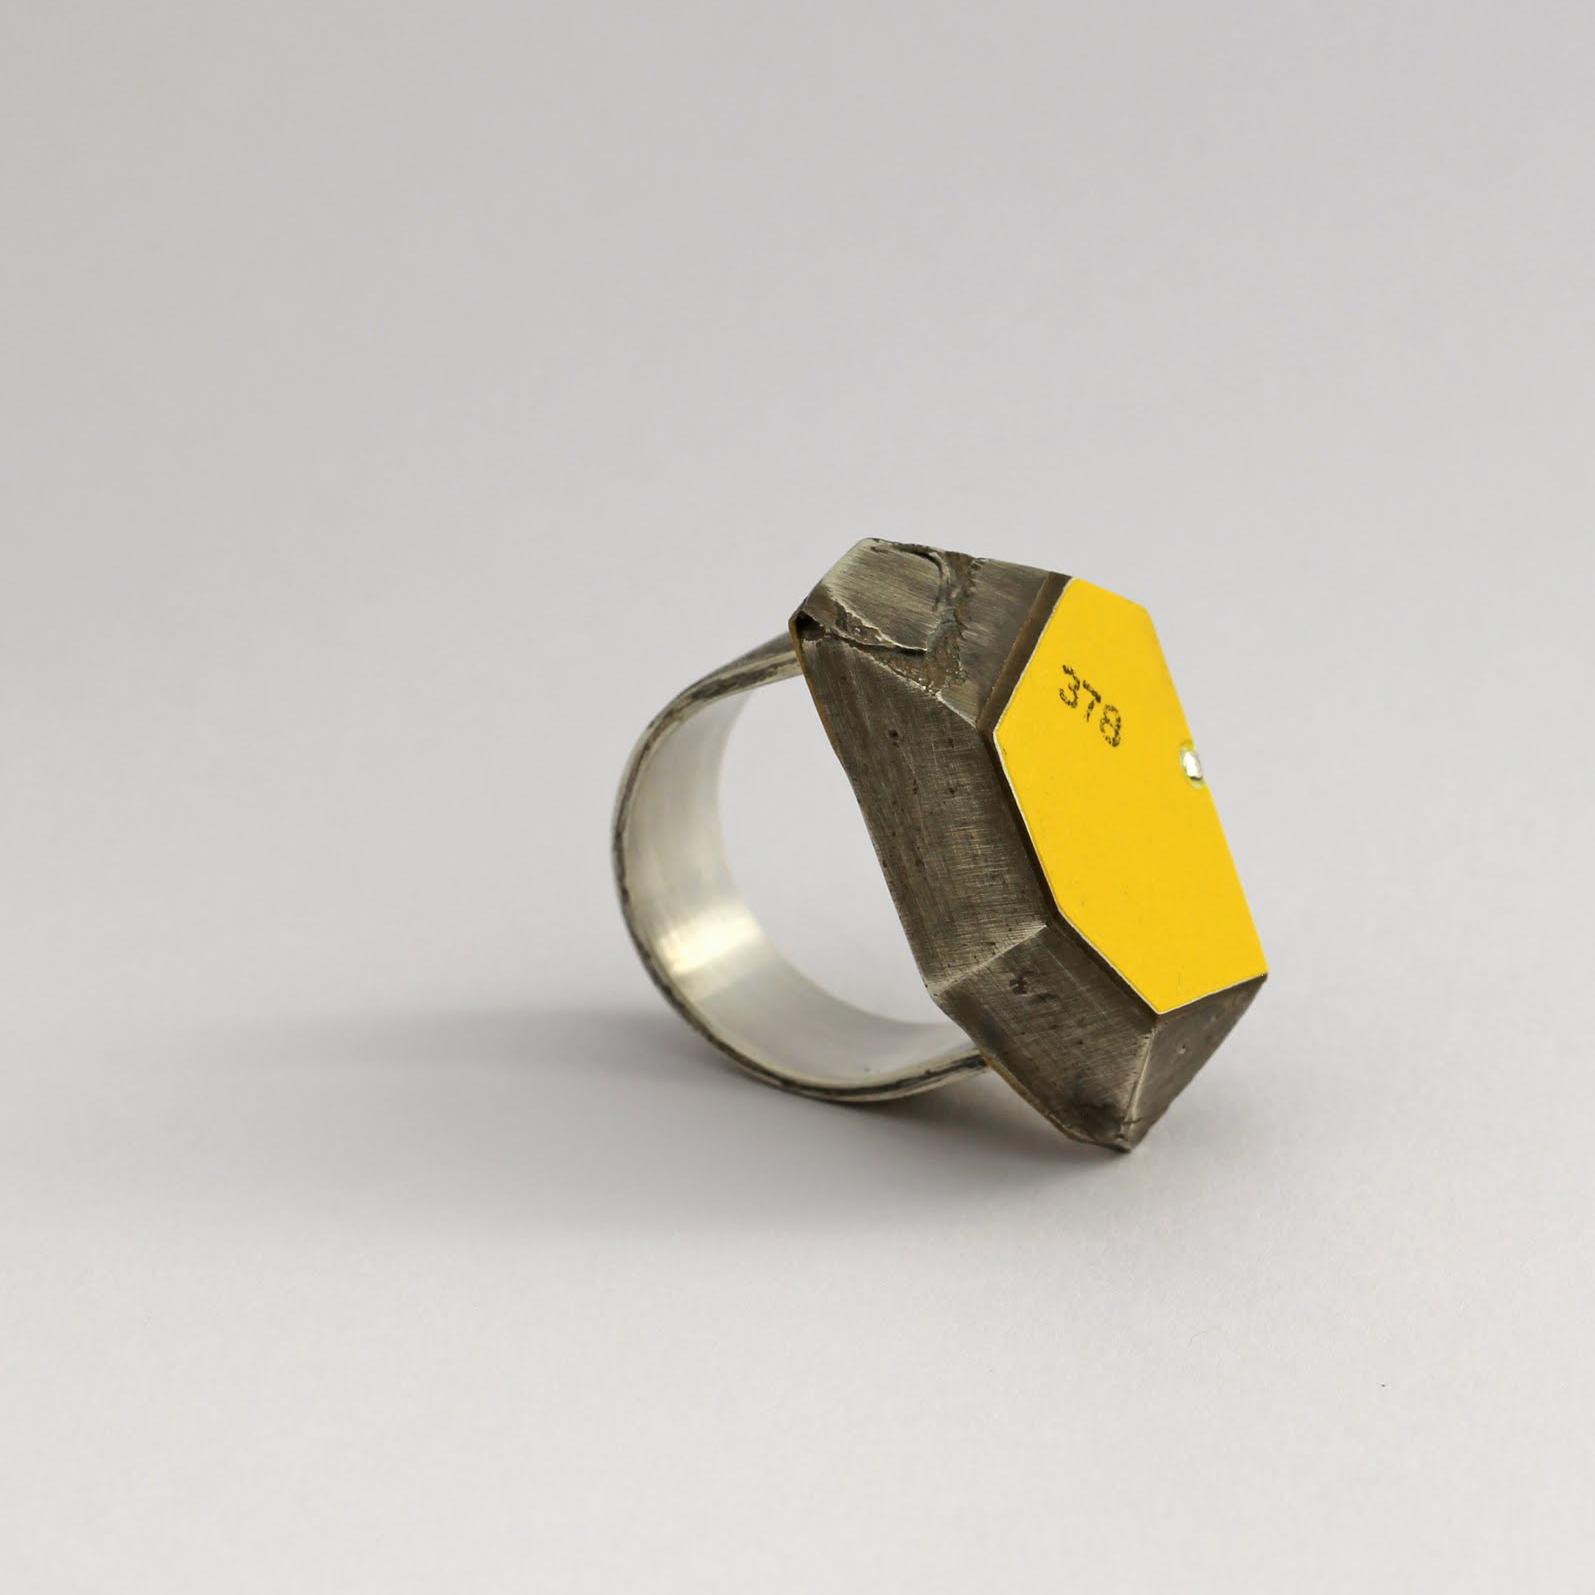 'Ken Lee ring' 2011 by Vanessa Arthur